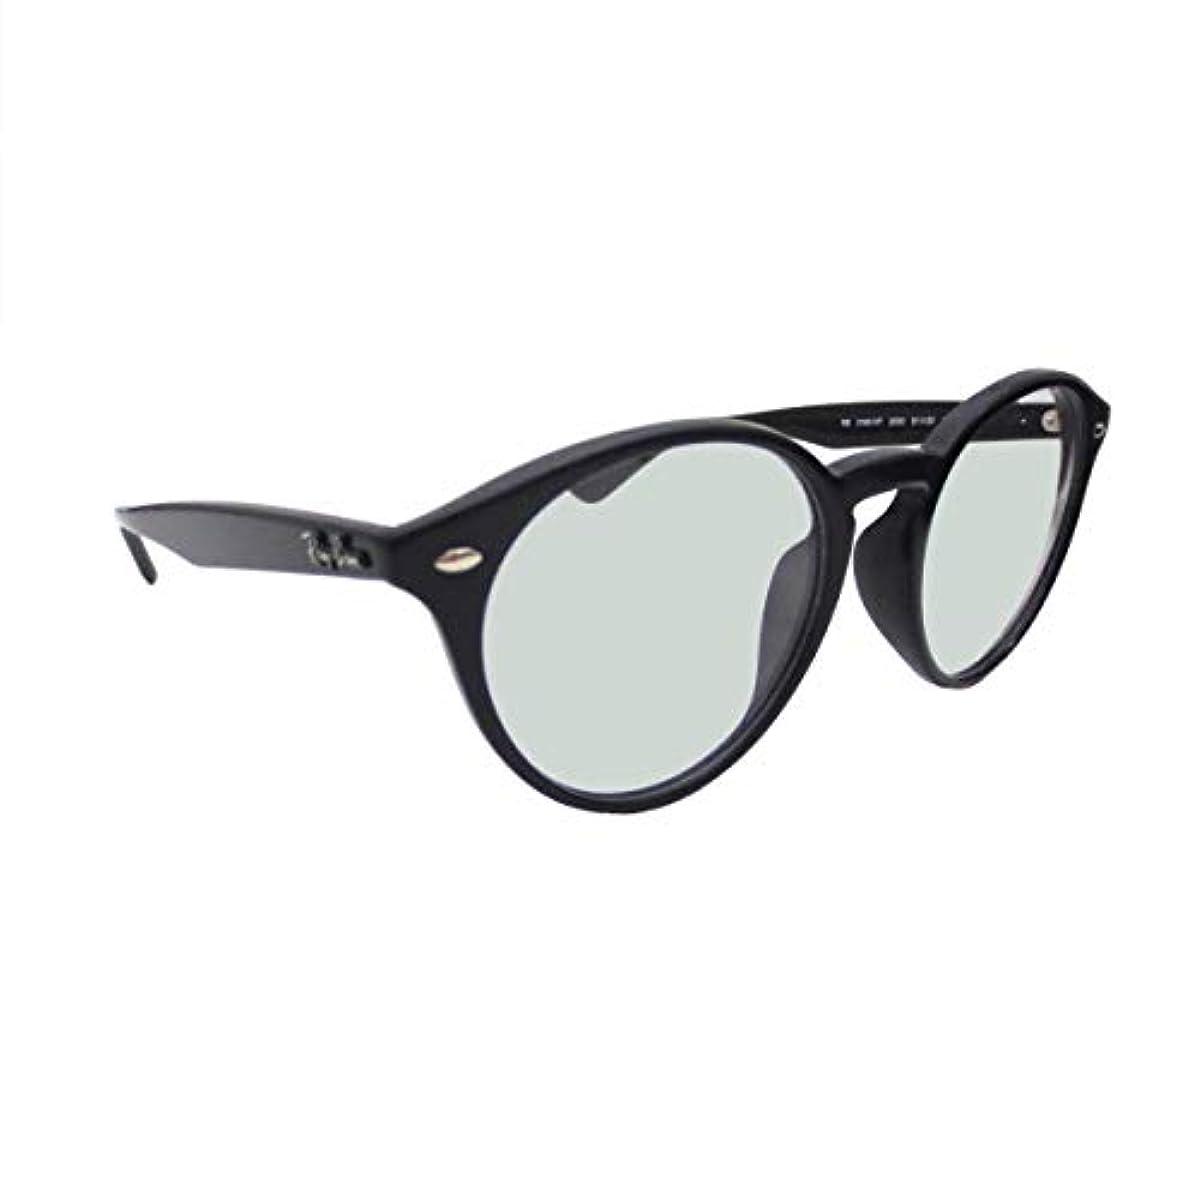 [해외] 【레이밴 국내 정규품 판매 인정점】 레이밴 안경 프레임 RX2180VF 2000 51사이즈 라이트 컬러 렌즈 세트 썬글라스 안심 자외선 컷부 라운드 환안경 블랙인연 RAY-BAN LIGHT COLORS